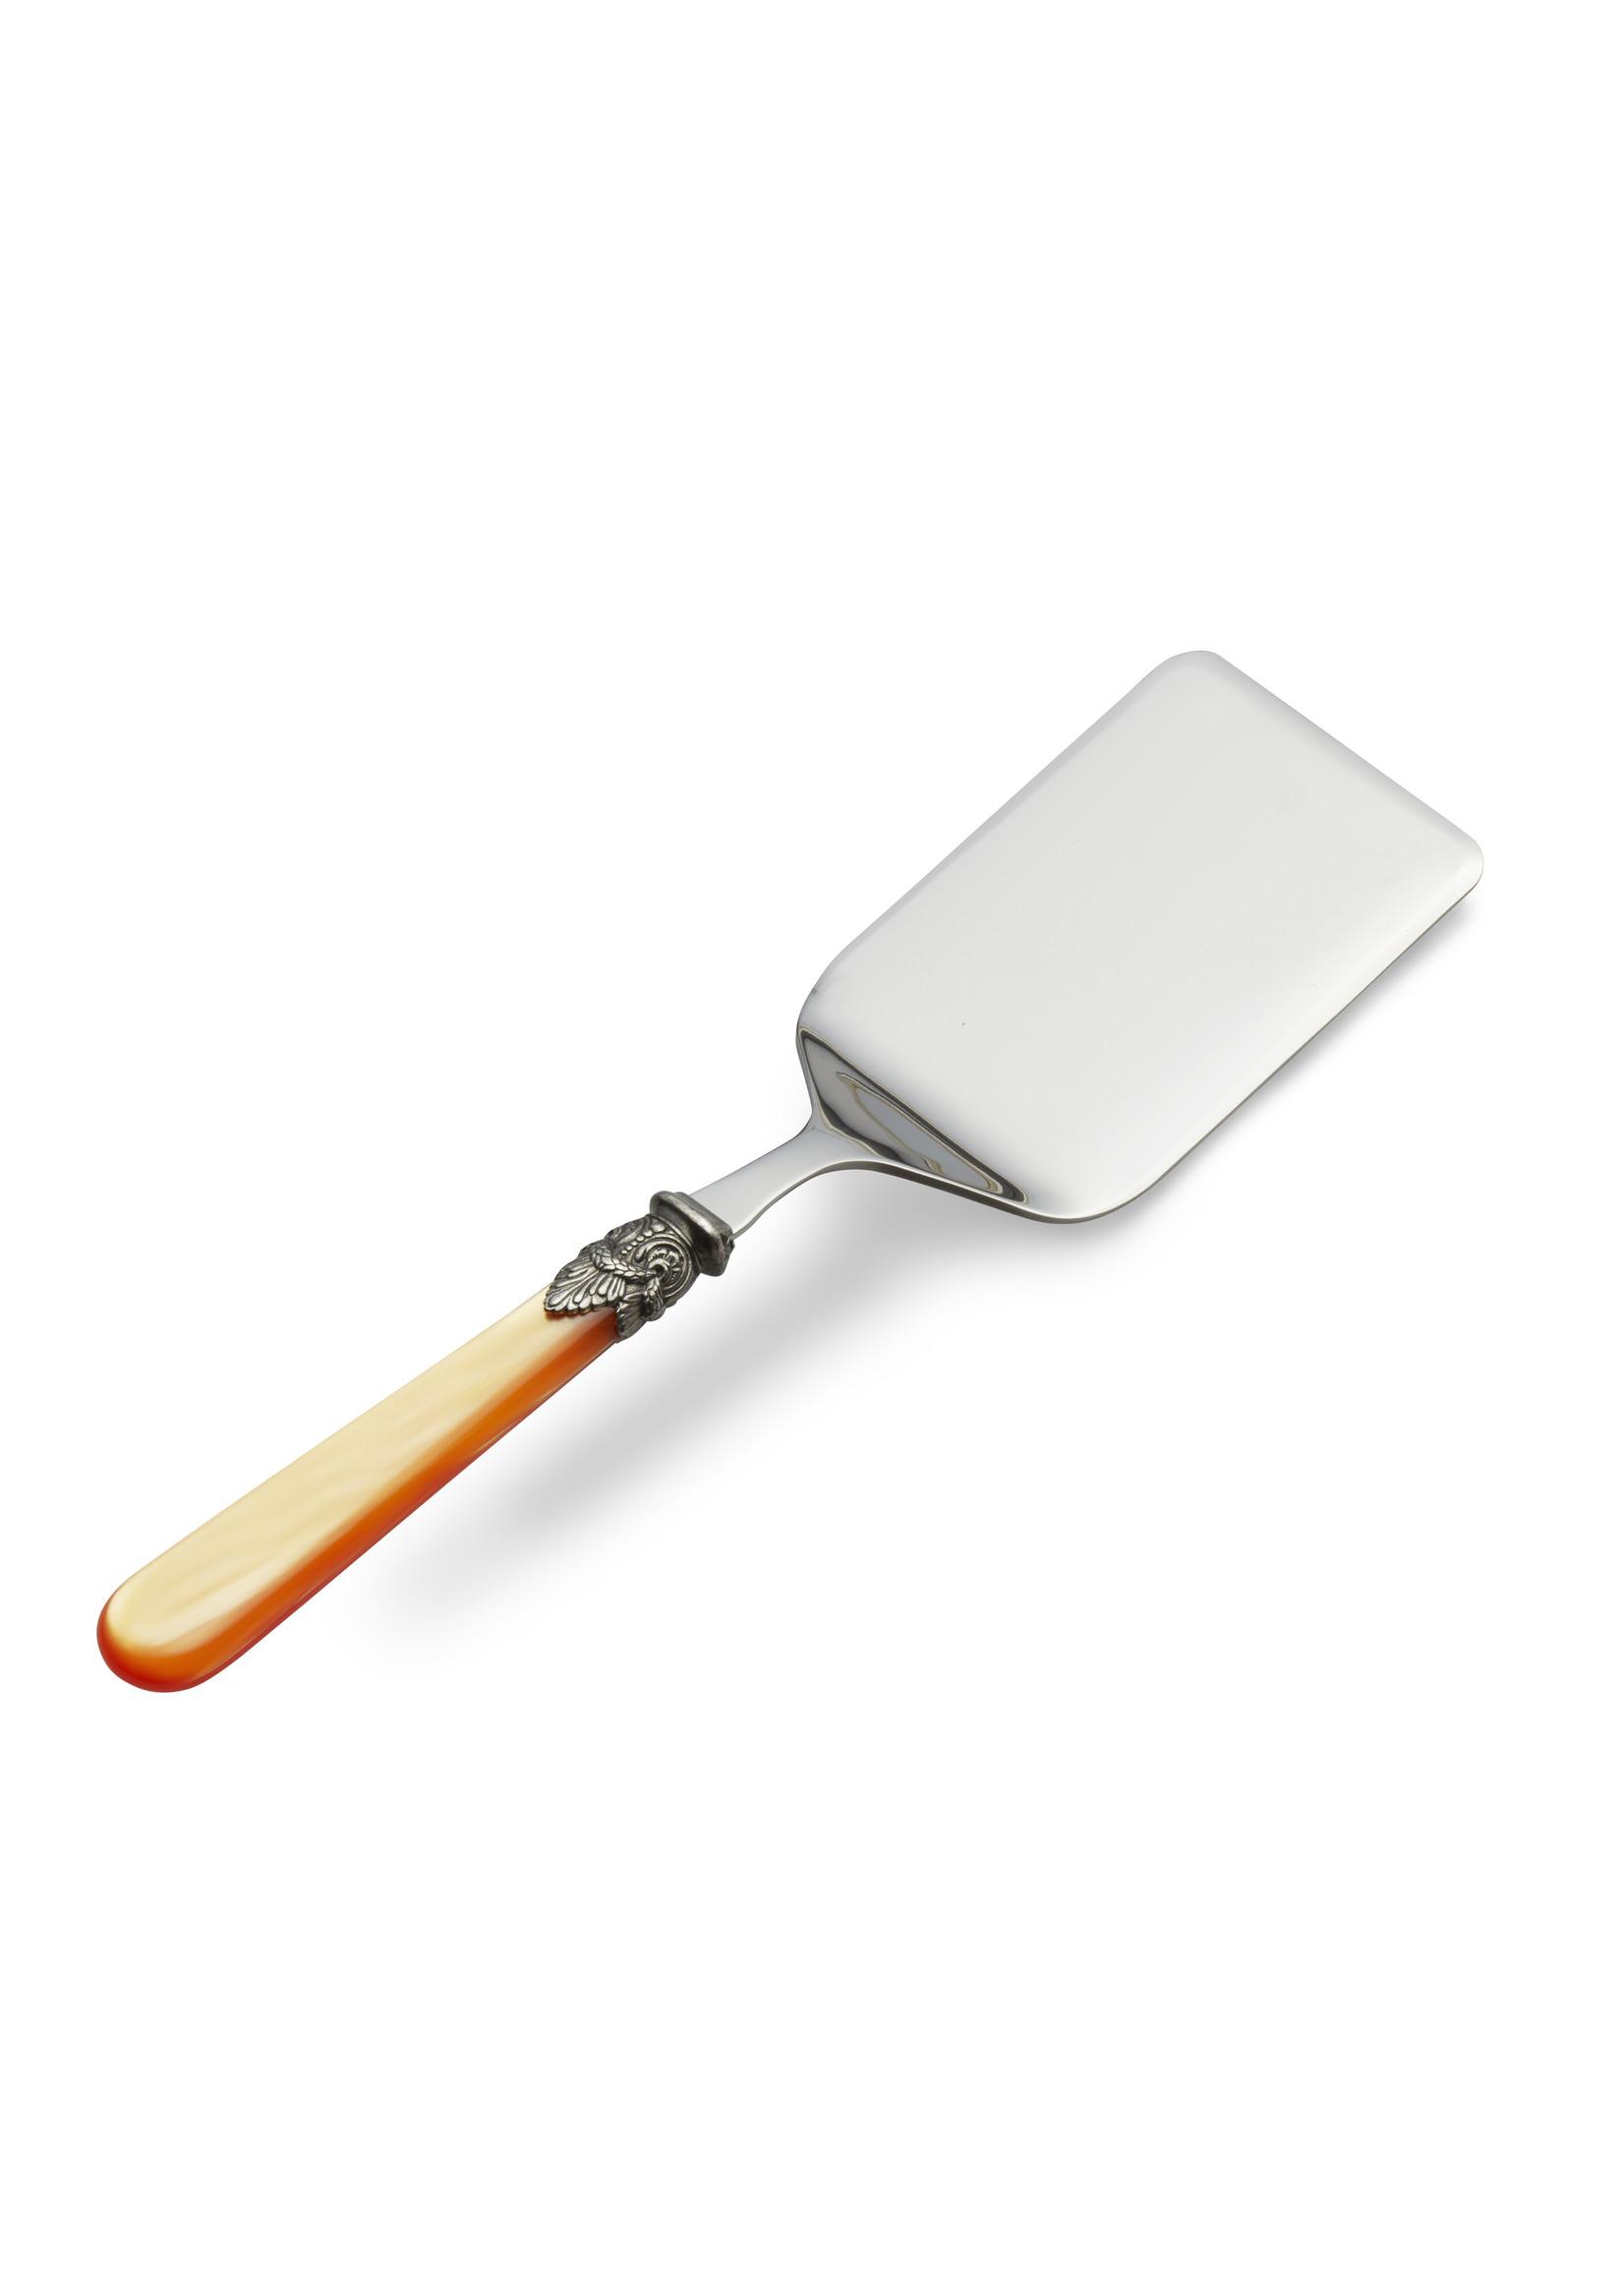 EME Napoleon Pala de lasaña /  Cuchara para servir lasaña, Naranja  con Nácar